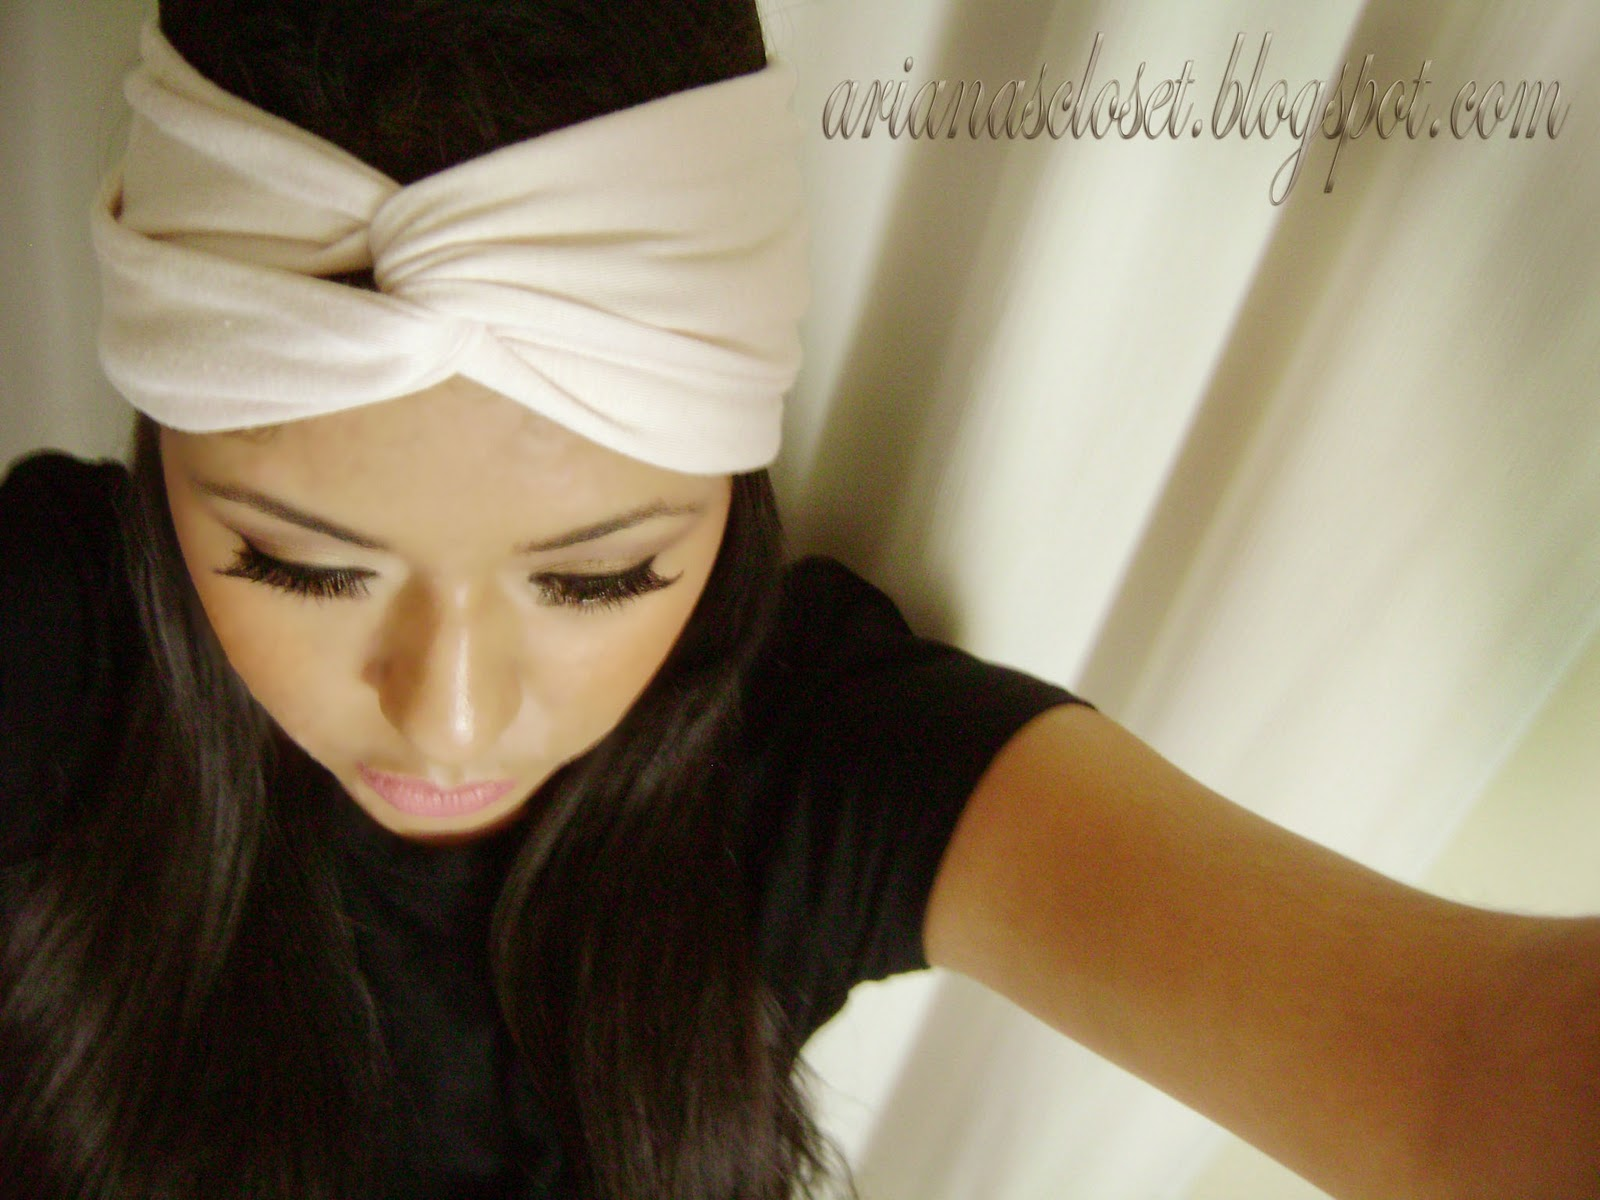 http://4.bp.blogspot.com/-6HCFJuGLGjU/Tpz8k7RYqPI/AAAAAAAAANg/iqbFrgccghc/s1600/headband.jpg